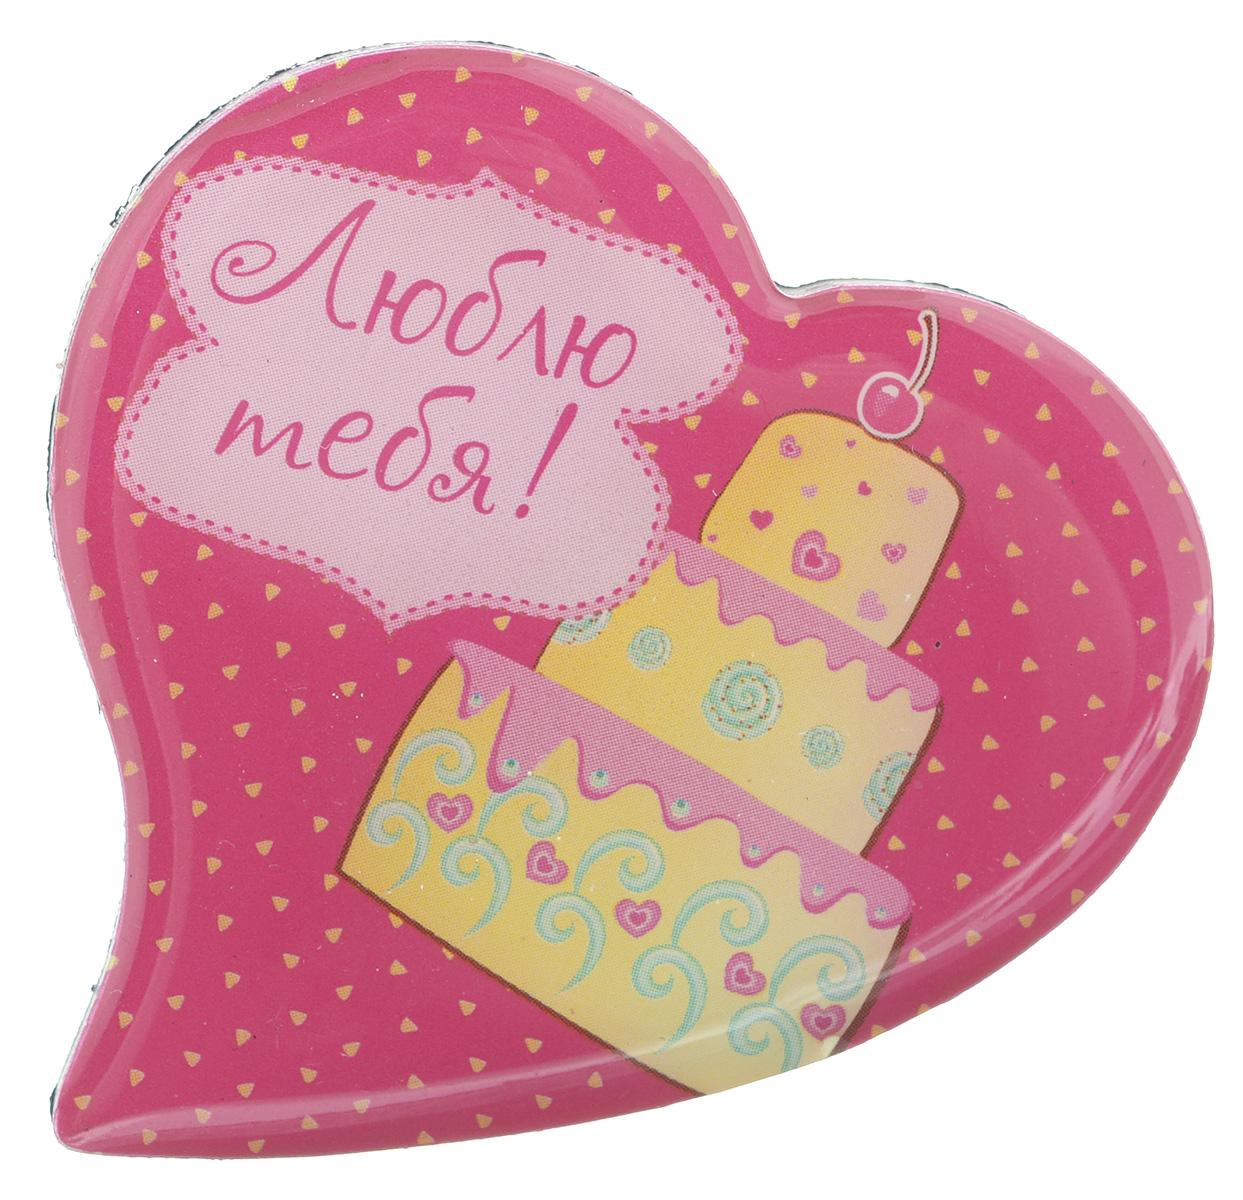 Магнит Феникс-презент Люблю тебя!, 5 x 5 см 2718125051 7_зеленыйМагнит в форме сердца Феникс-презент Люблю тебя!, выполненный из агломерированного феррита, станет приятным штрихом в повседневной жизни. Оригинальный магнит, декорированный изображением торта, поможет вам украсить не только холодильник, но и любую другую магнитную поверхность. Материал: агломерированный феррит.